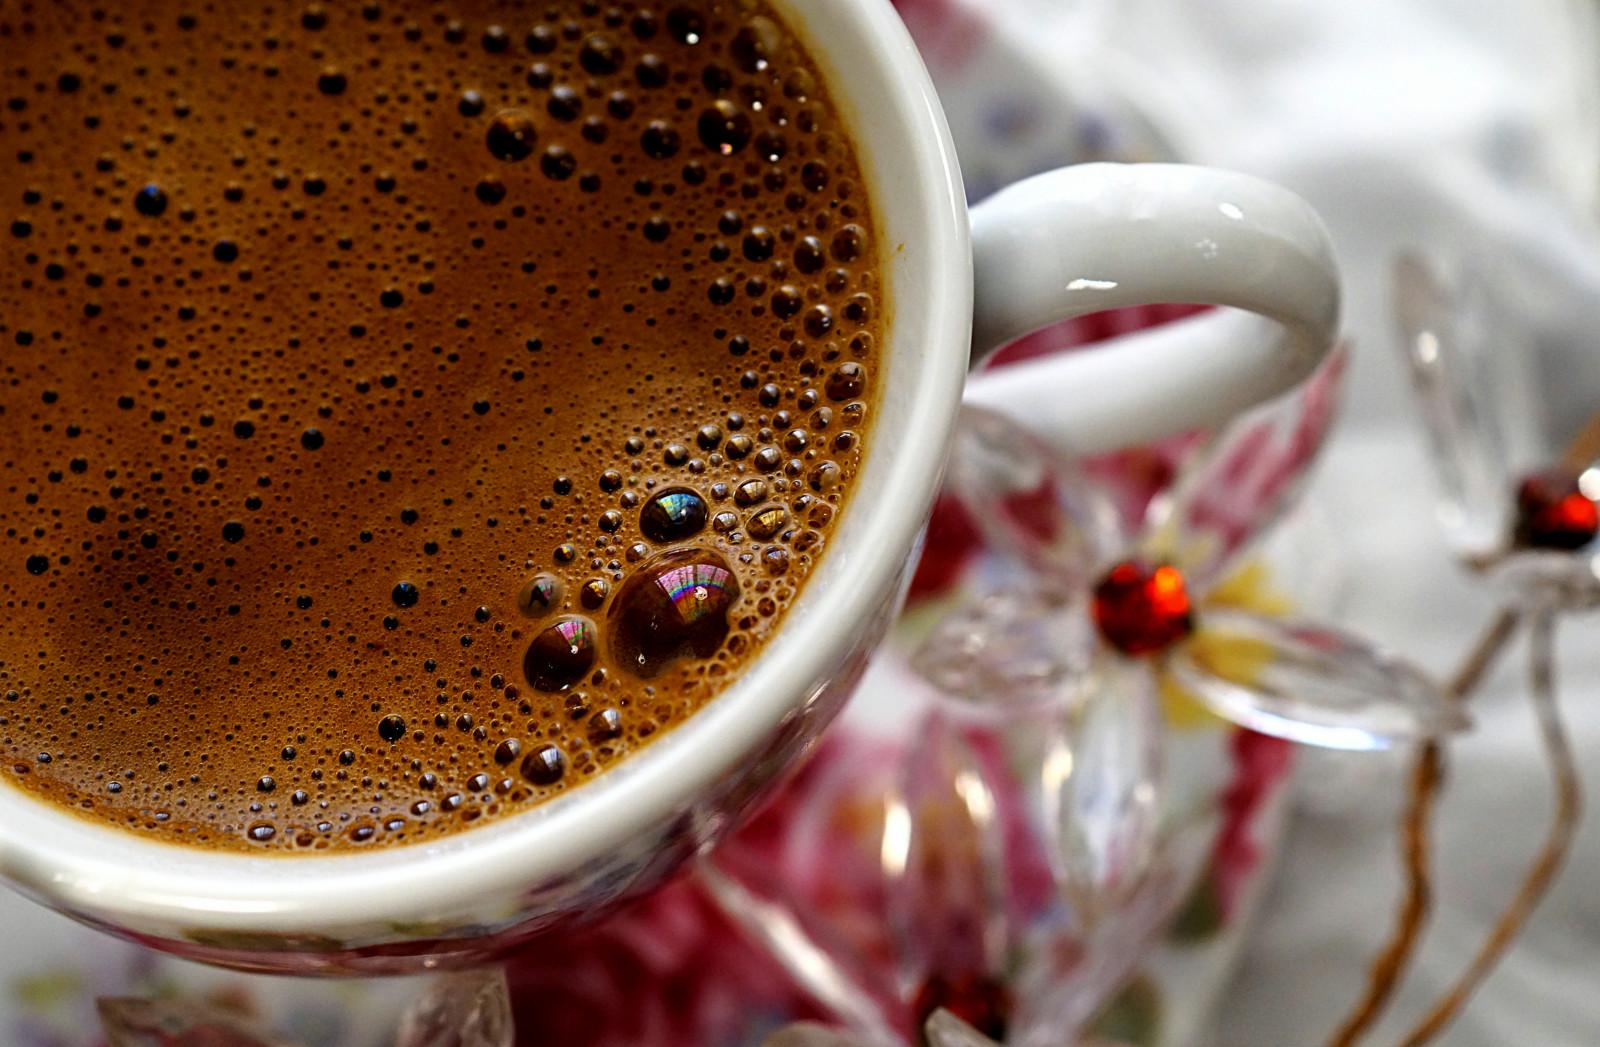 Hintergrundbilder : Makro, Getränk, Blasen, Cappuccino, türkischer ...